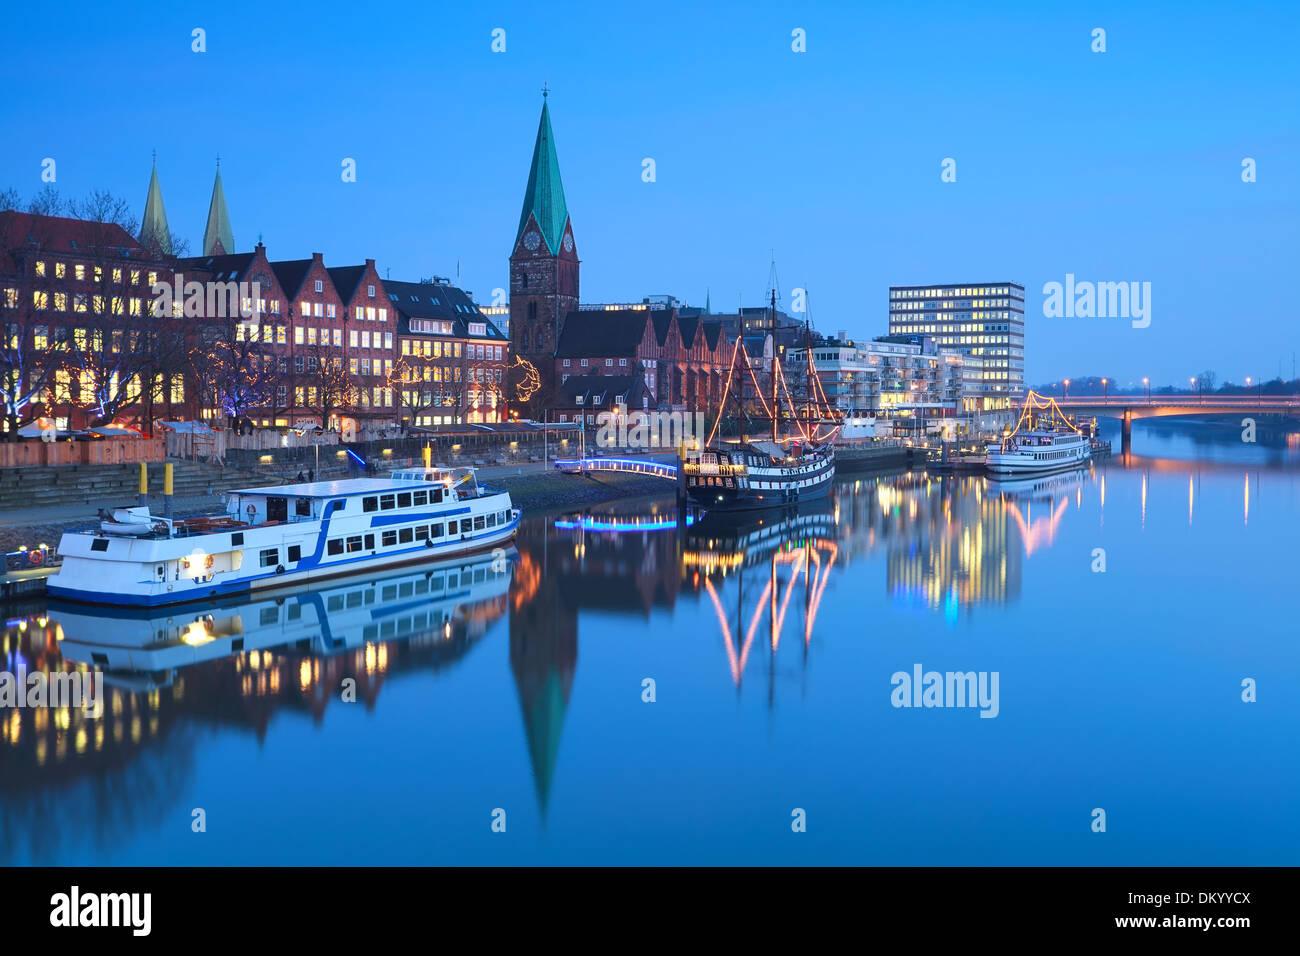 Rivière dans Beremn ville dans le crépuscule pendant Noël, Allemagne Photo Stock